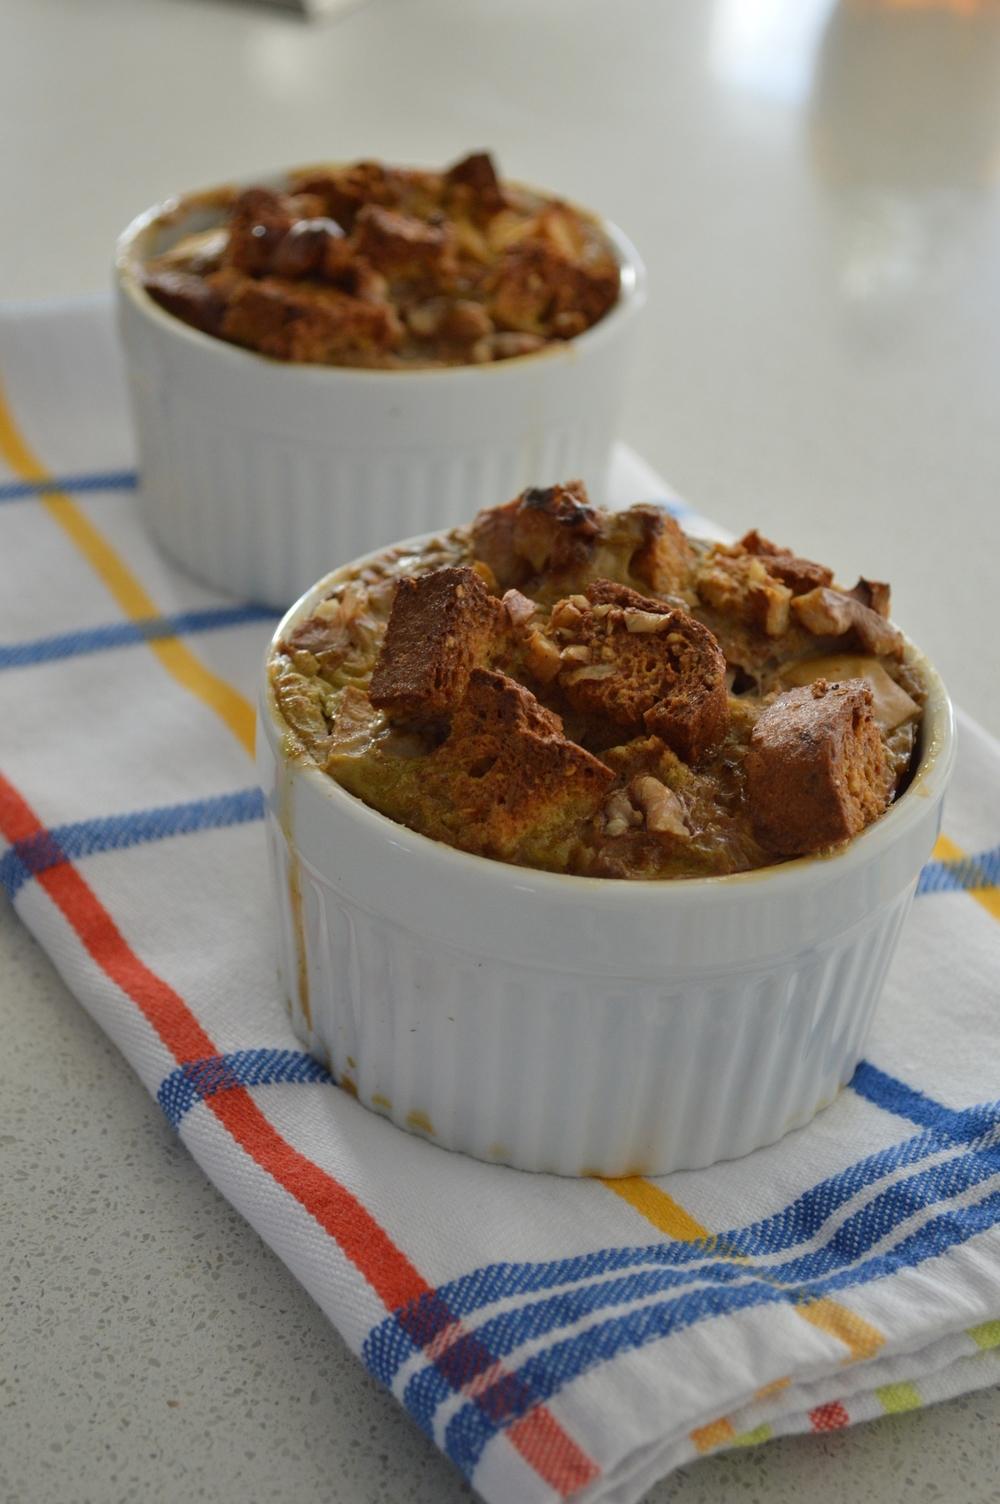 GlutenFree-DairyFree-Apple-Bread-Pudding-LaurenSchwaiger-Blog.jpg